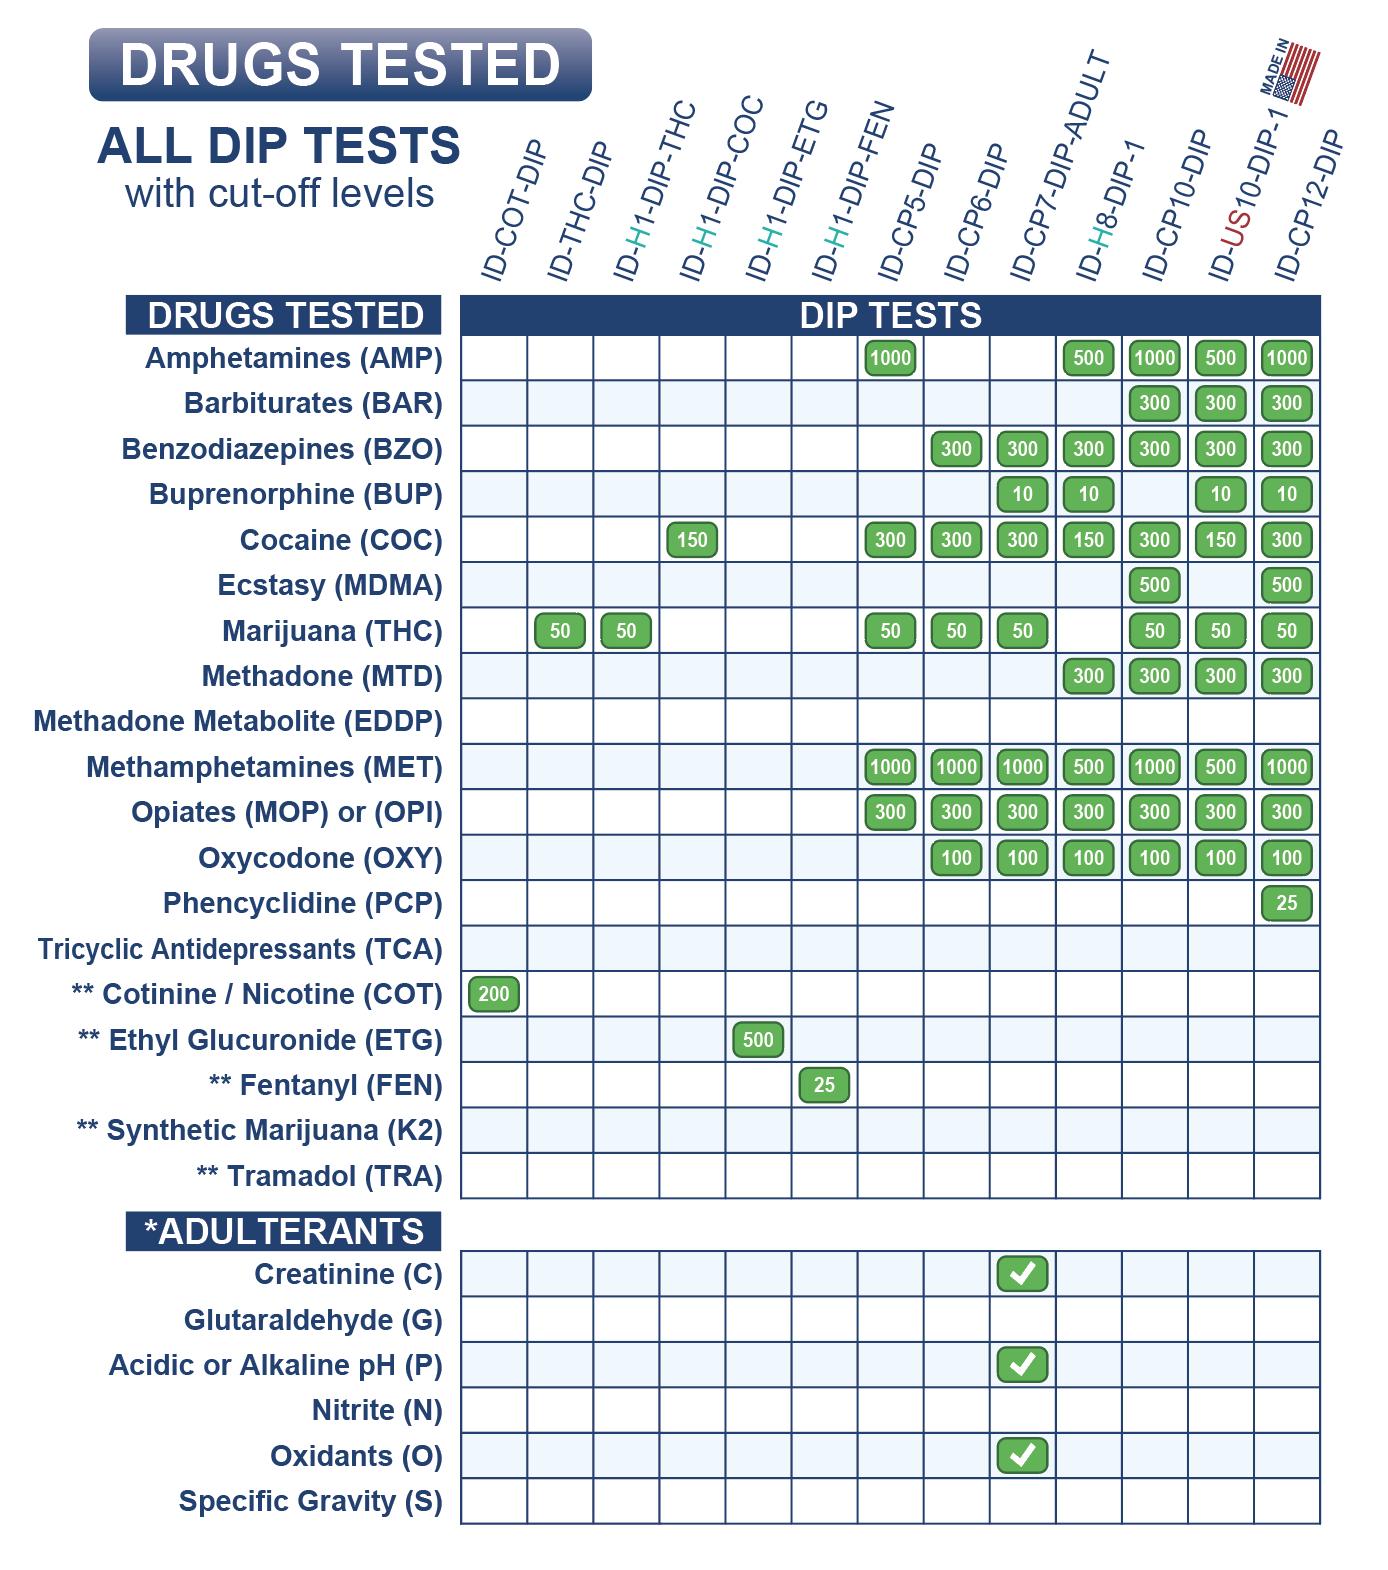 2020 Drug Test Billing Codes Medical Distribution Group Inc